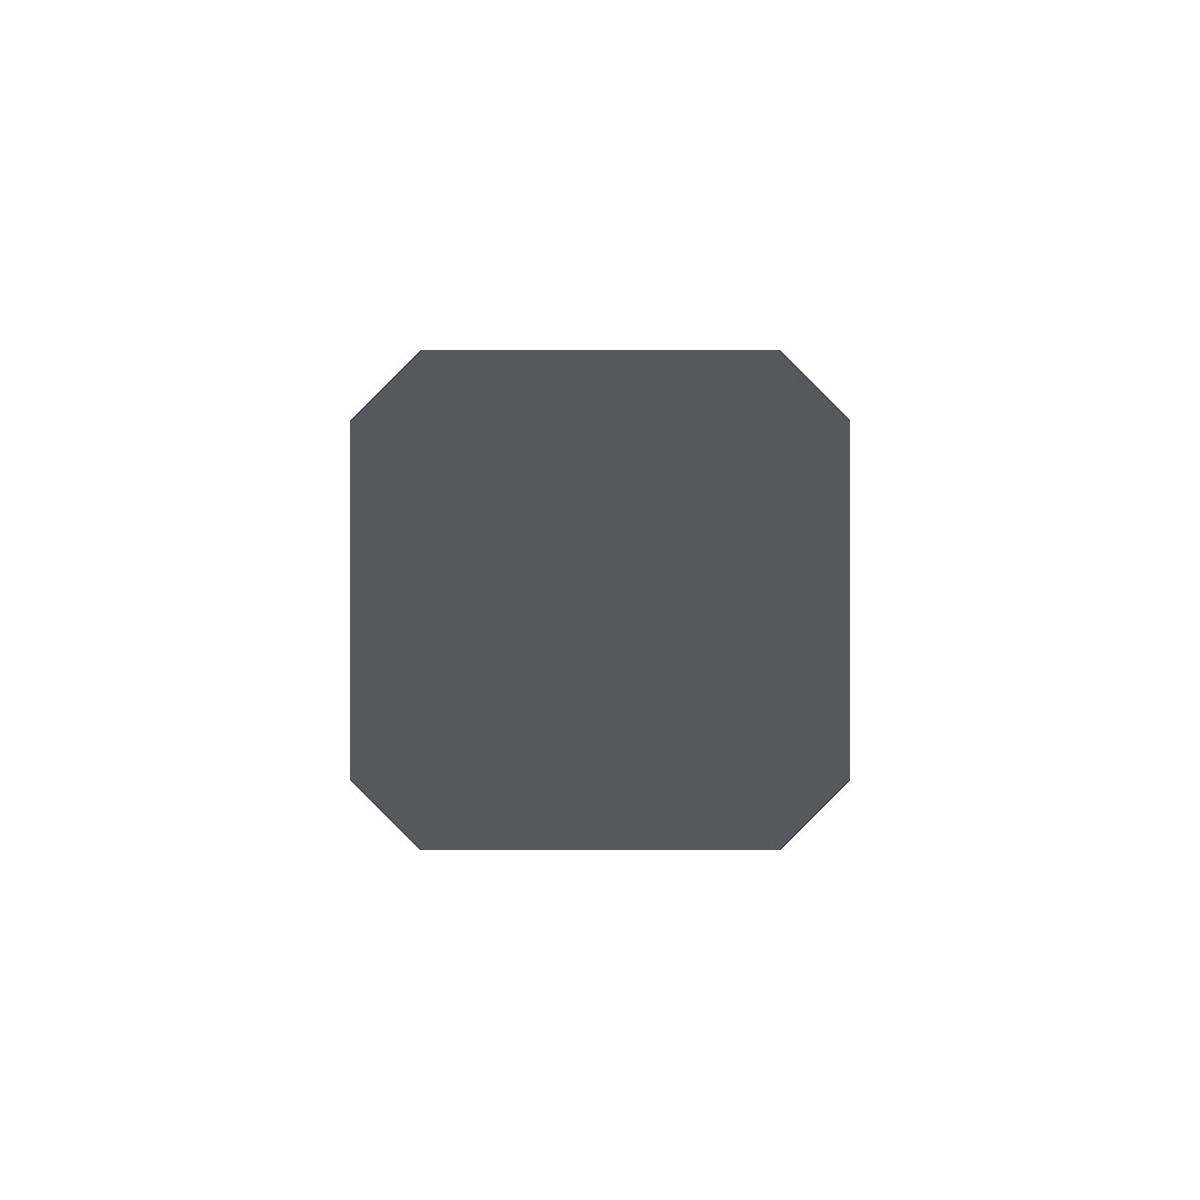 Octogono Carabet Antracita 20x20 - Suelo hidráulico interior y exterior